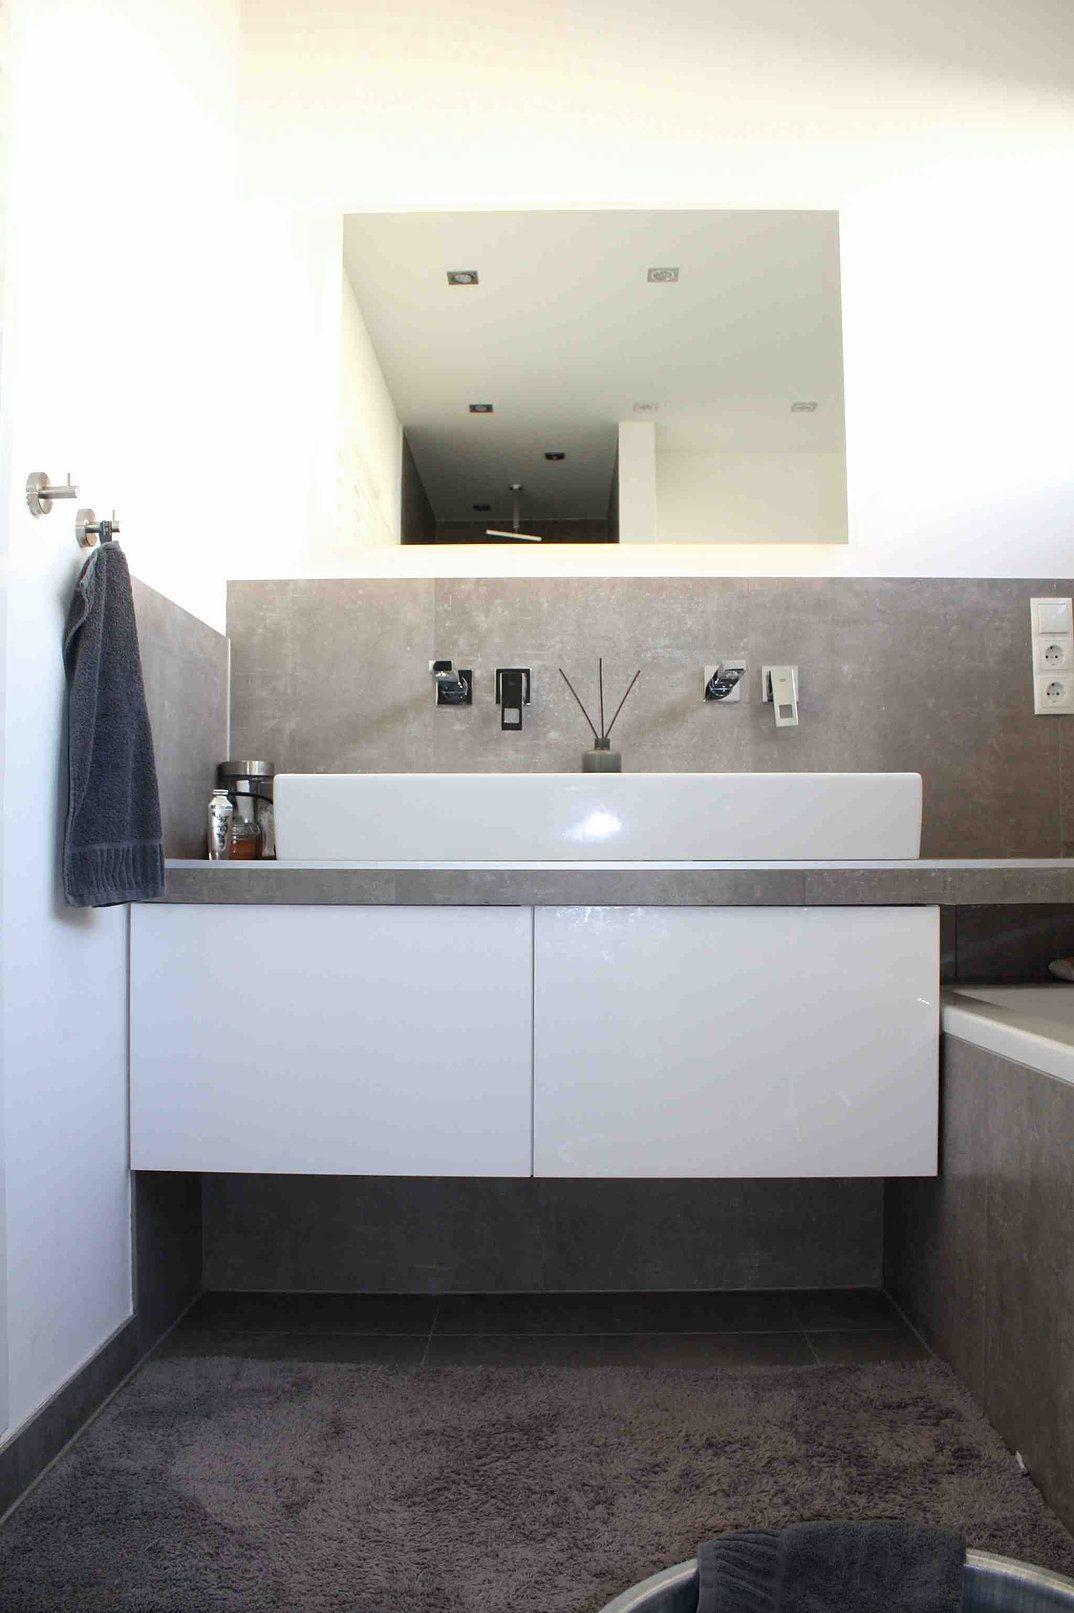 Ein Küchenschrank im Badezimmer